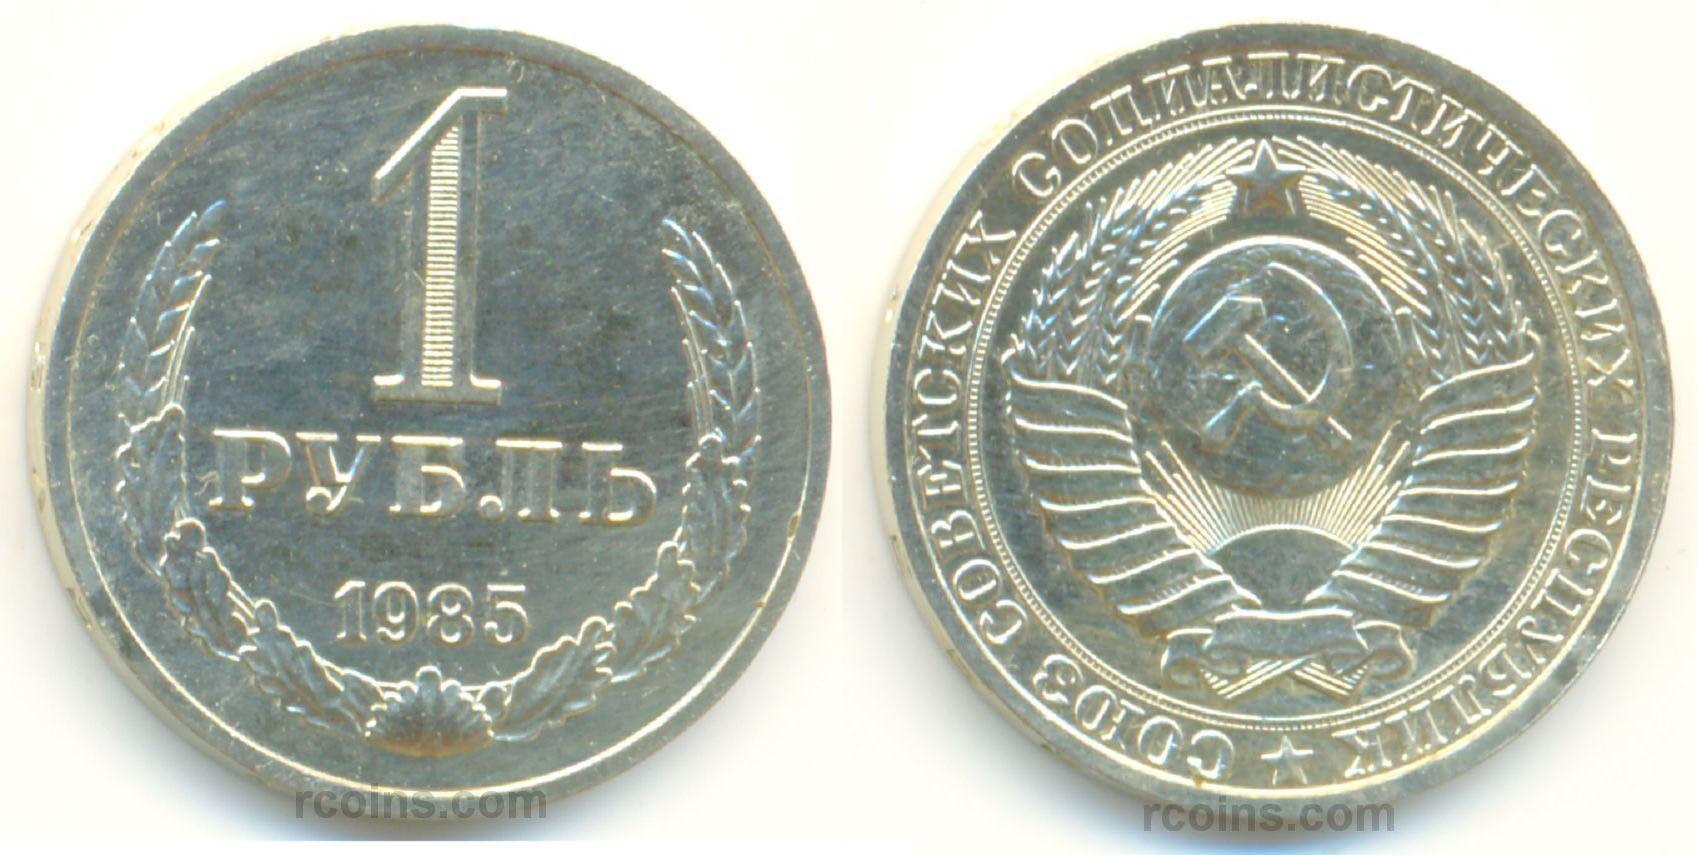 a1-rubl-1985.jpg